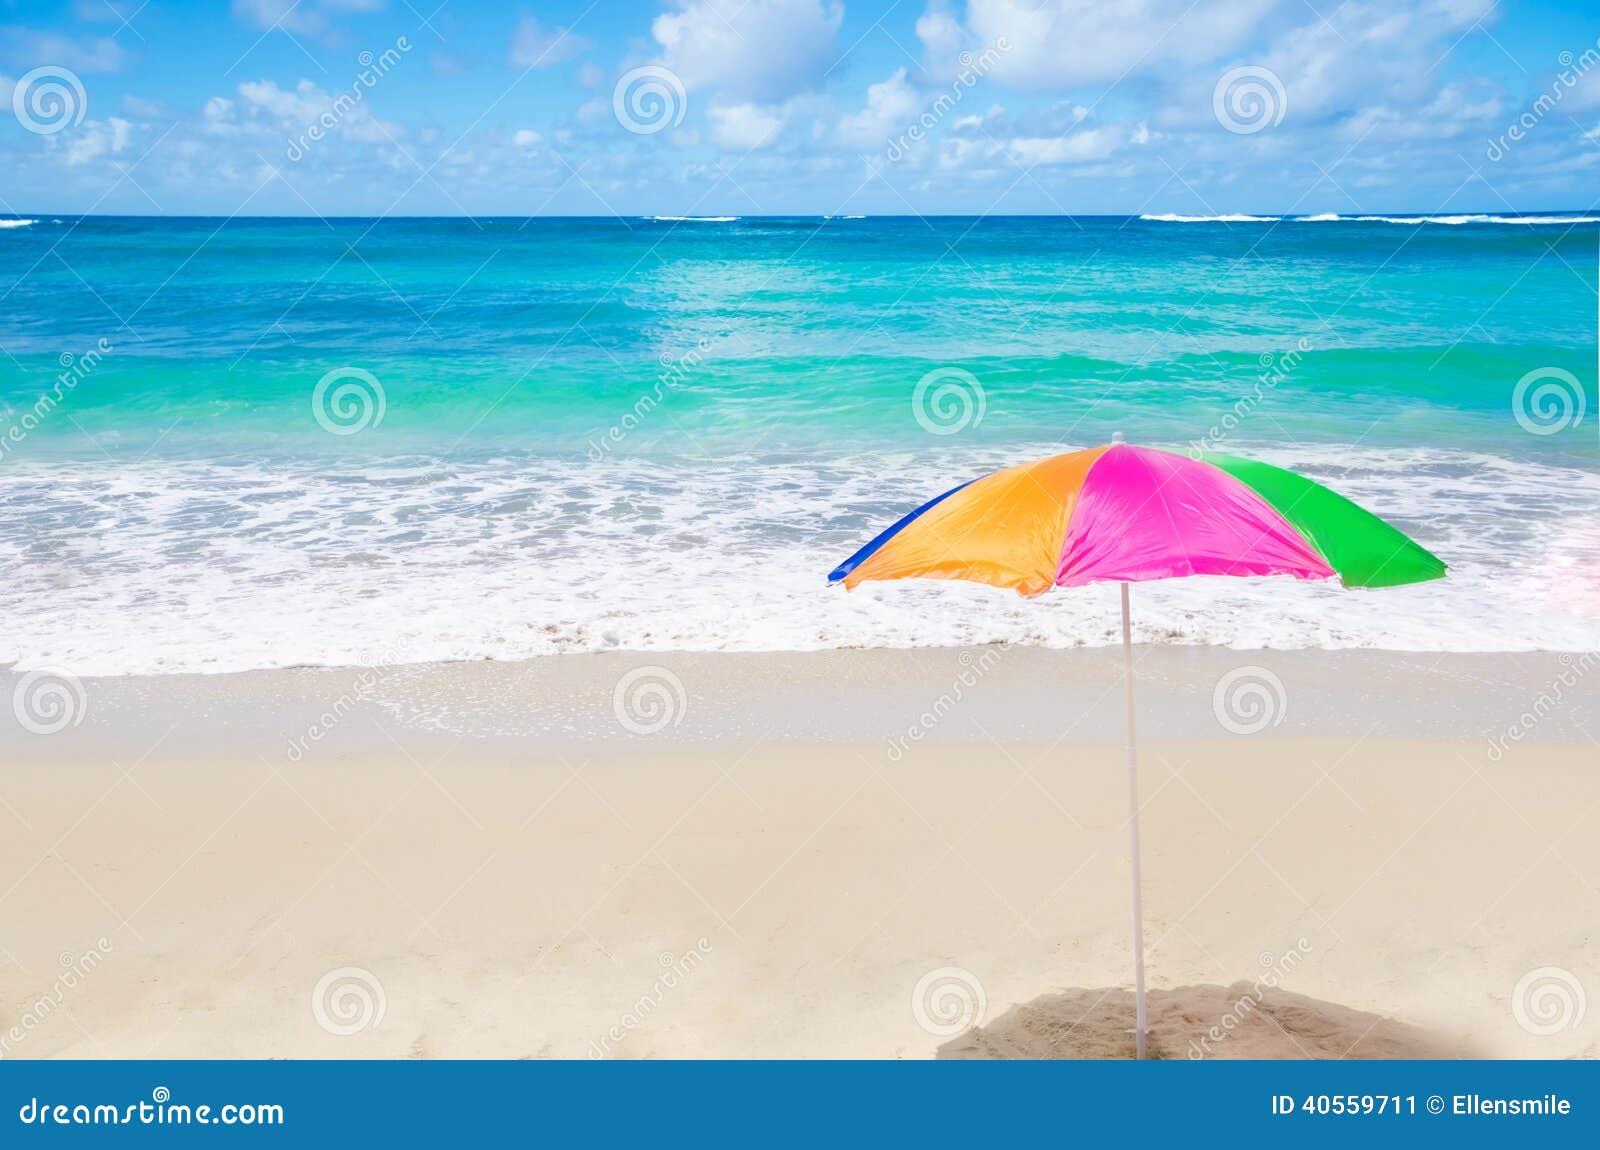 由海洋上色沙滩伞在晴天.图片